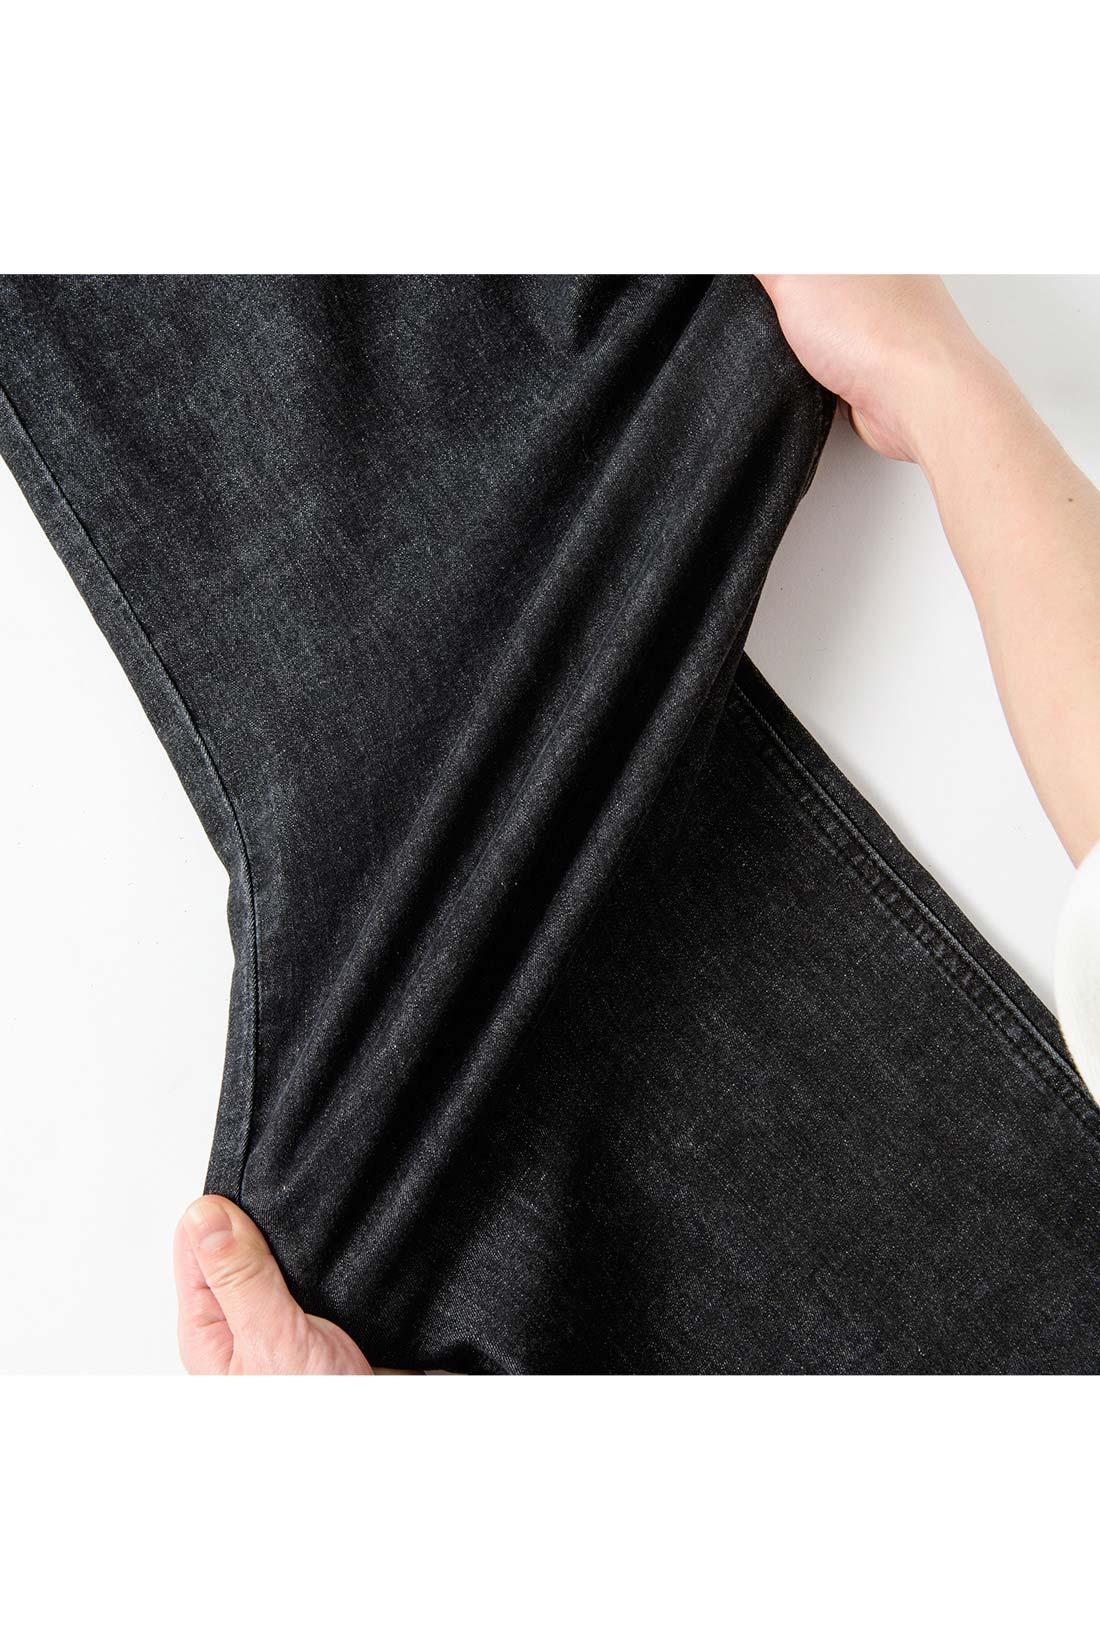 ぐいーんと伸びるハイパワーストレッチ素材で、屈伸の動きもノンストレス。